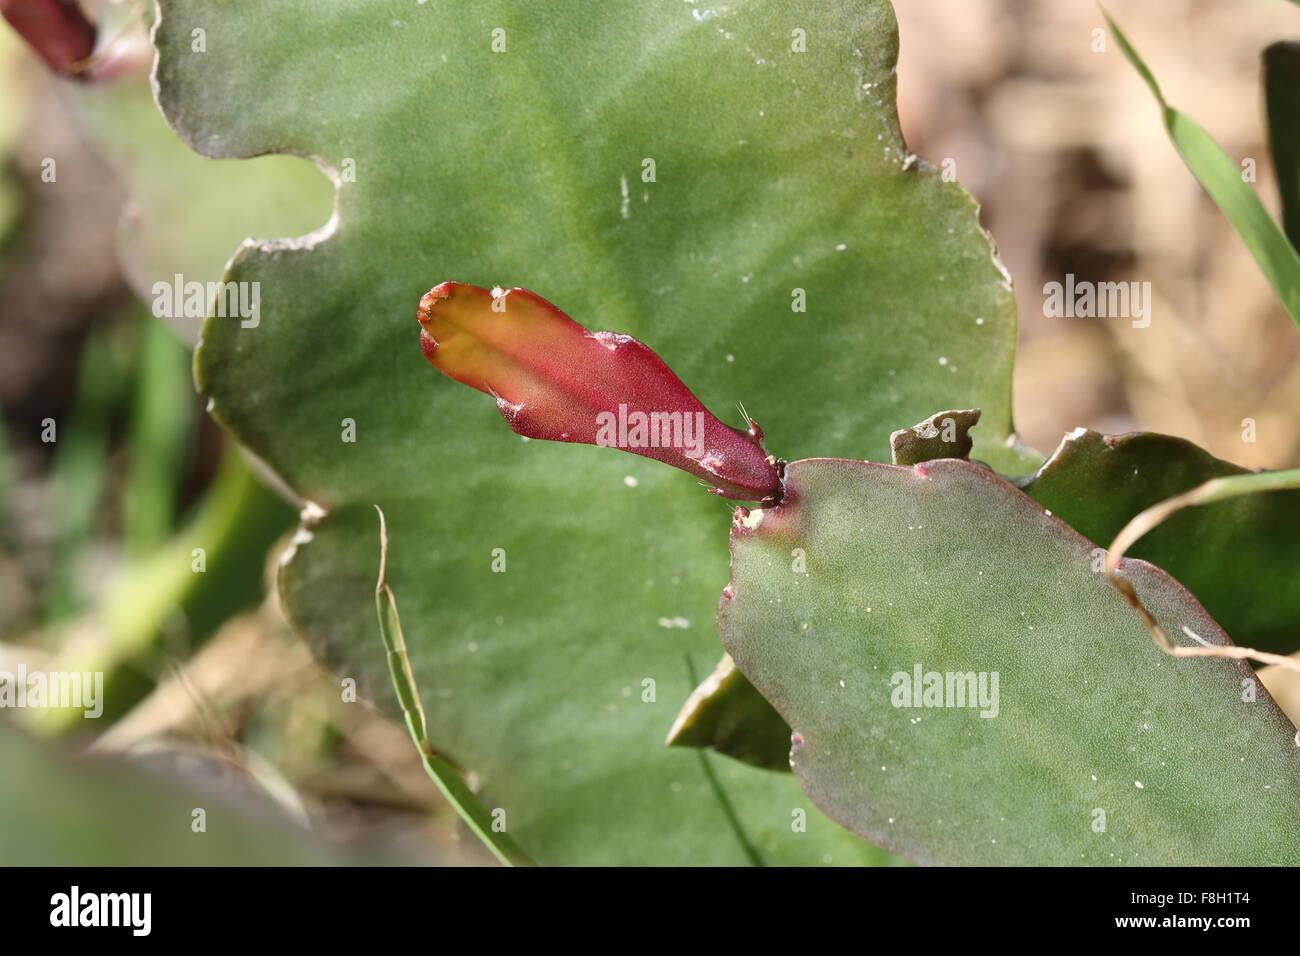 A Slender Oncidium Spike